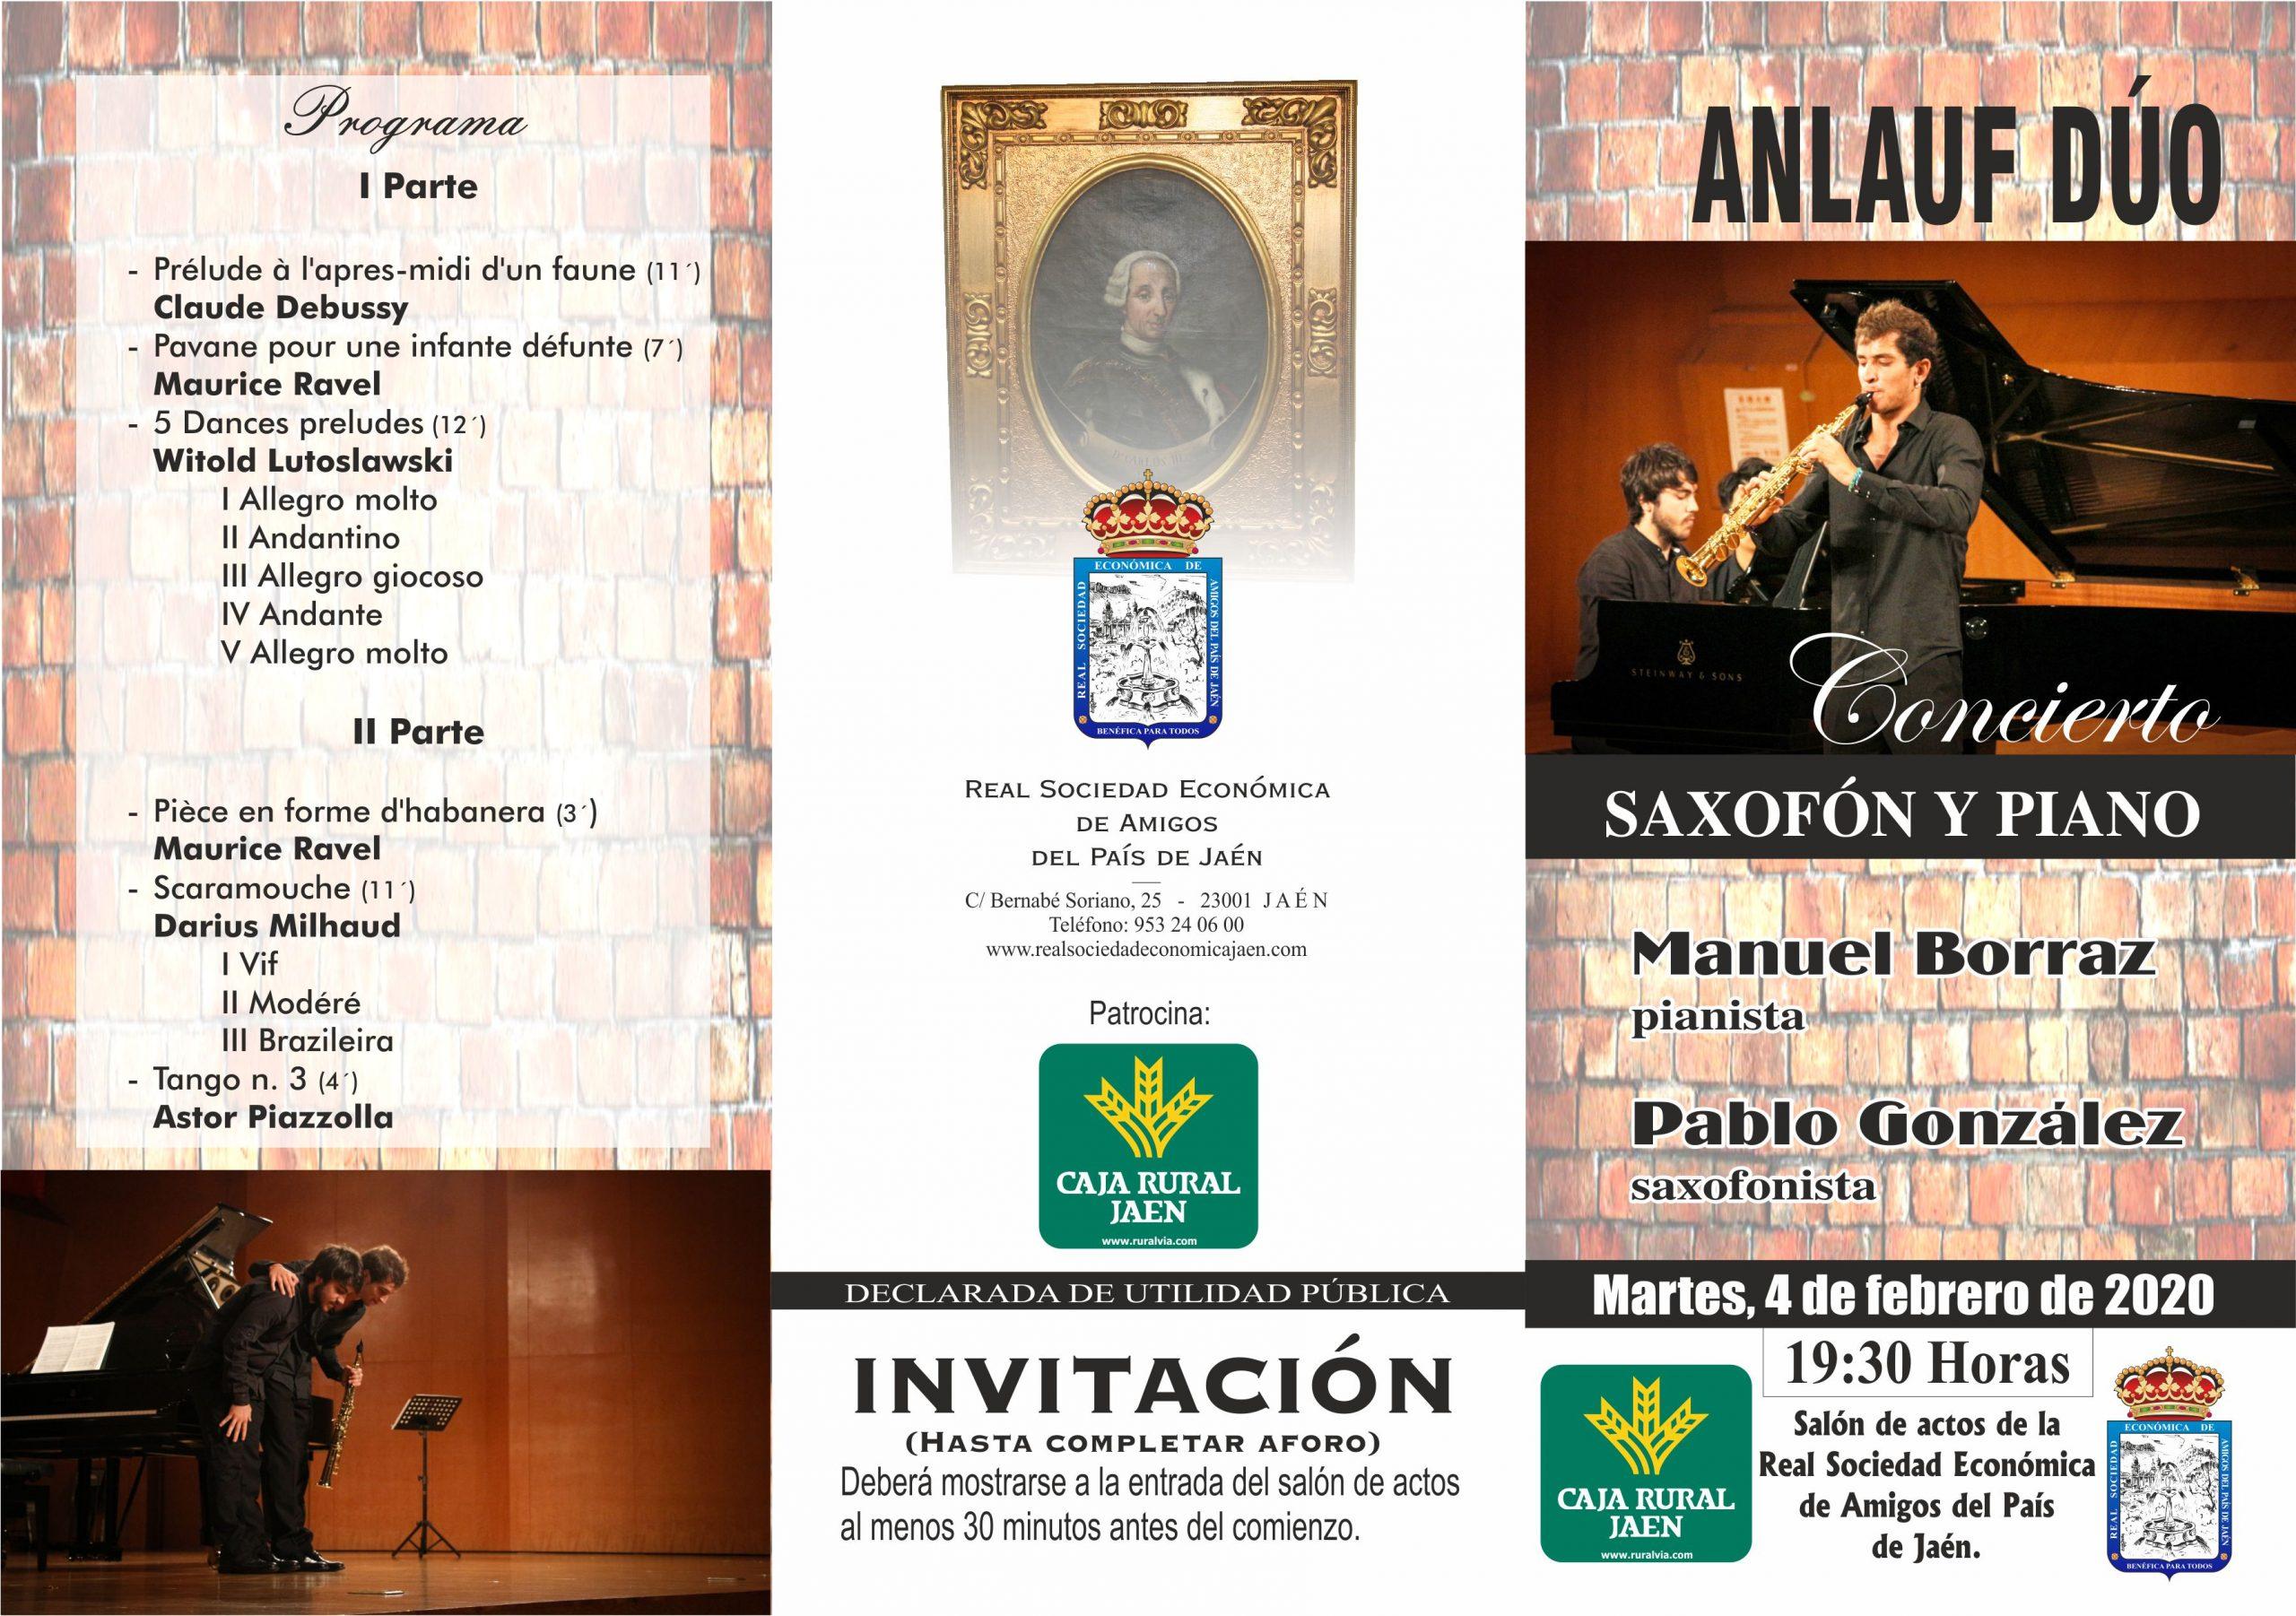 Concierto Anlauf Dúo en Jaén